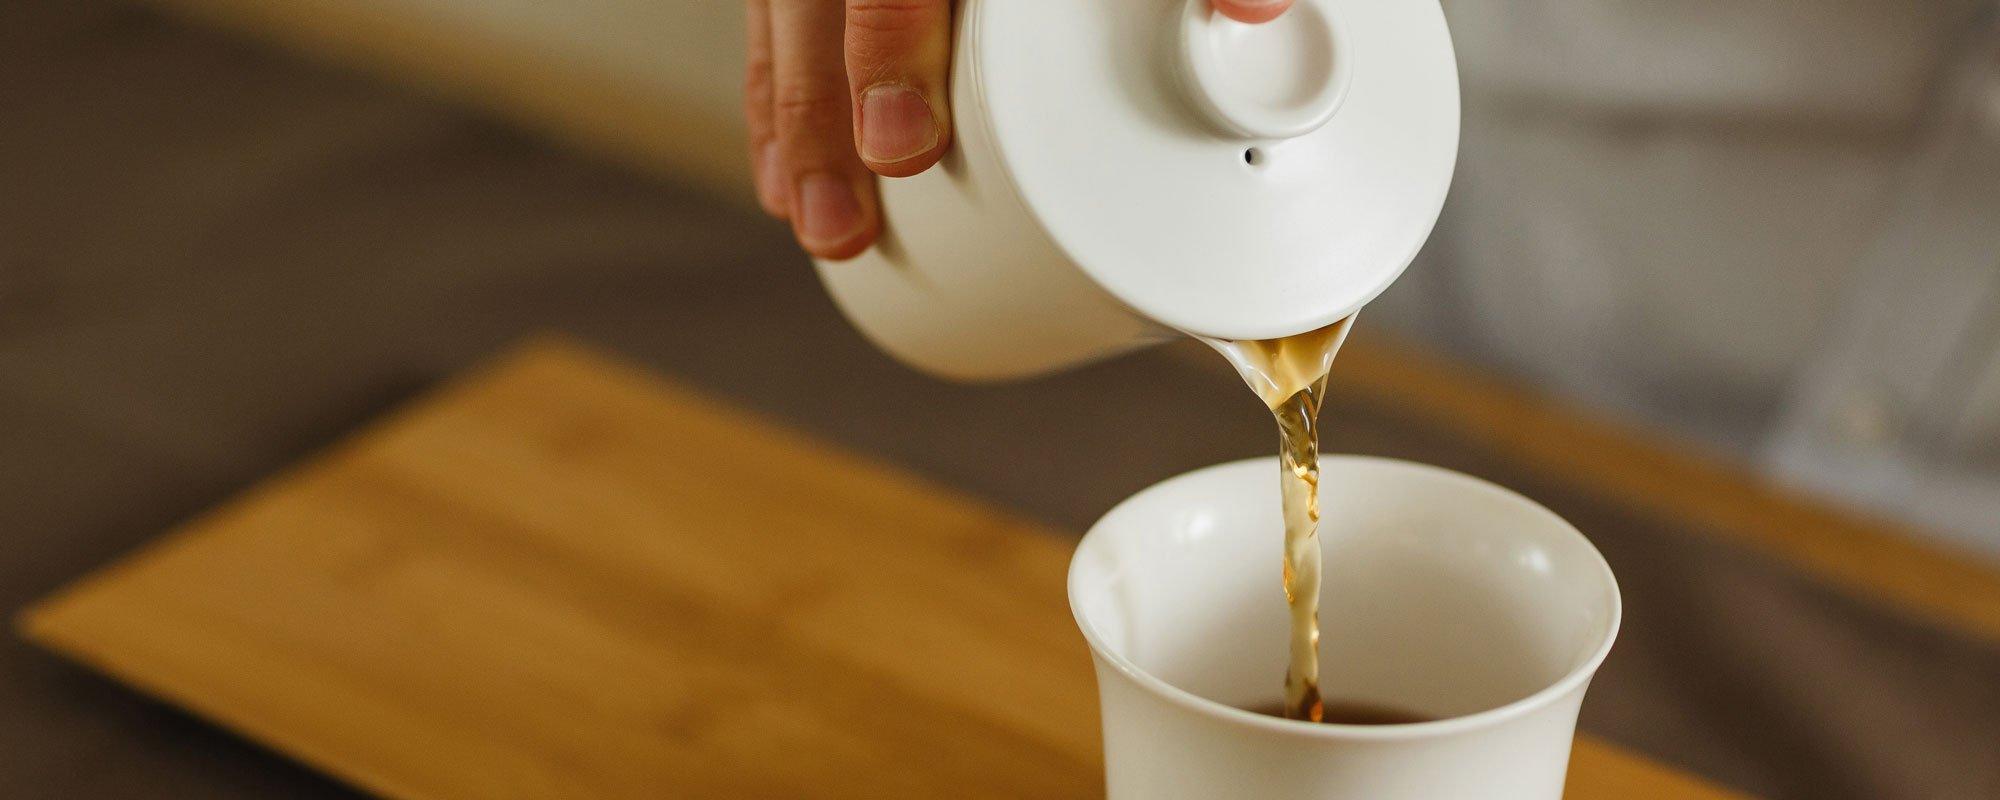 Porcelain Teapot pouring into porcelain cup